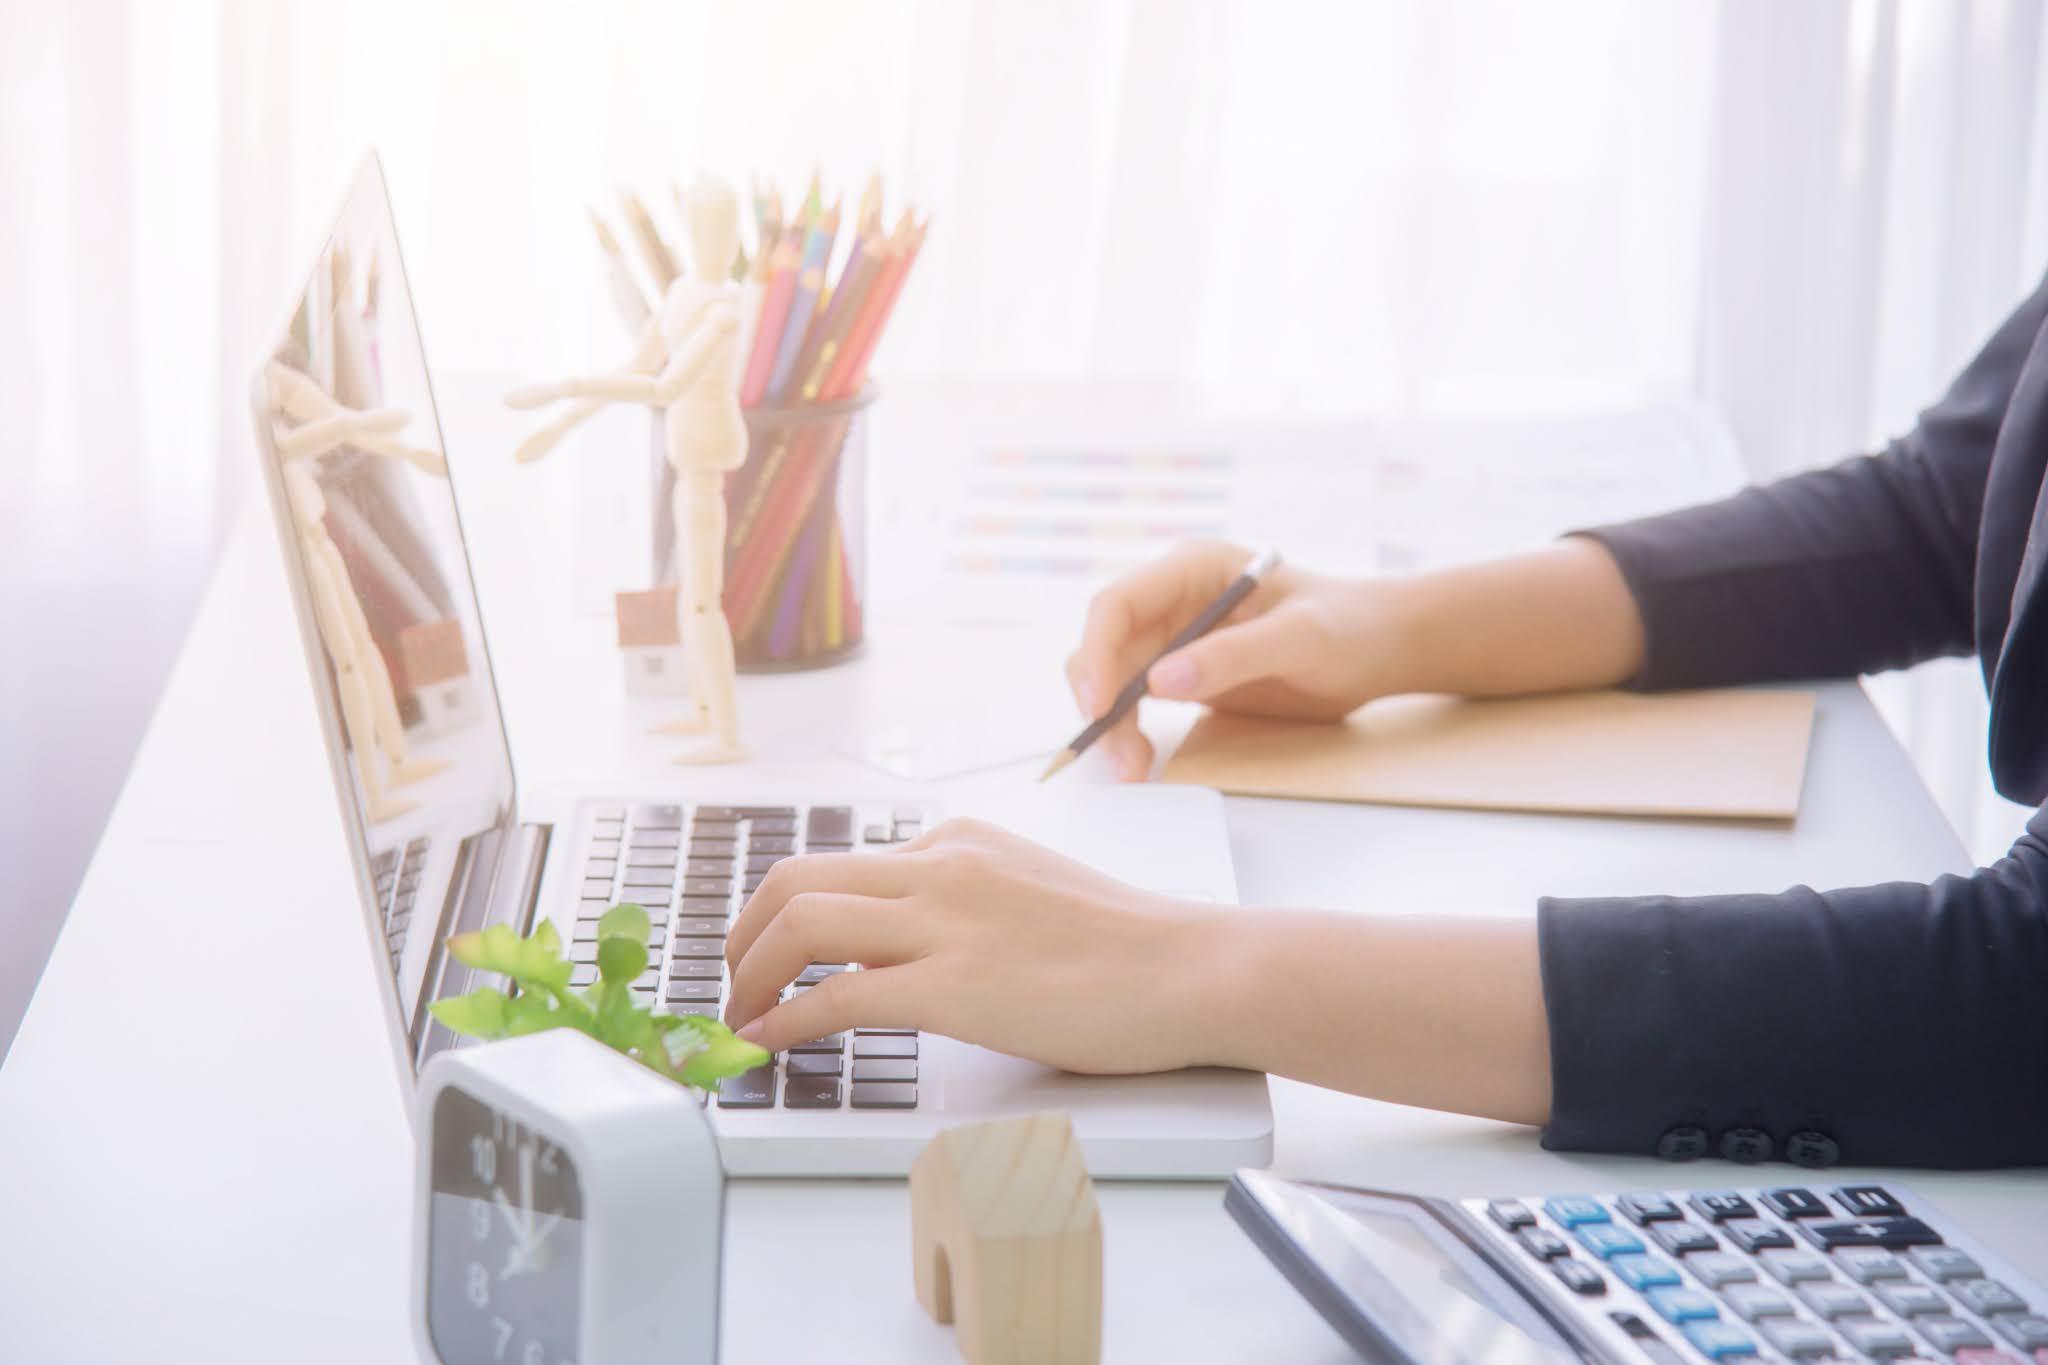 دبي تستضيف الدورة الثانية من برنامج مسرعات الأعمال